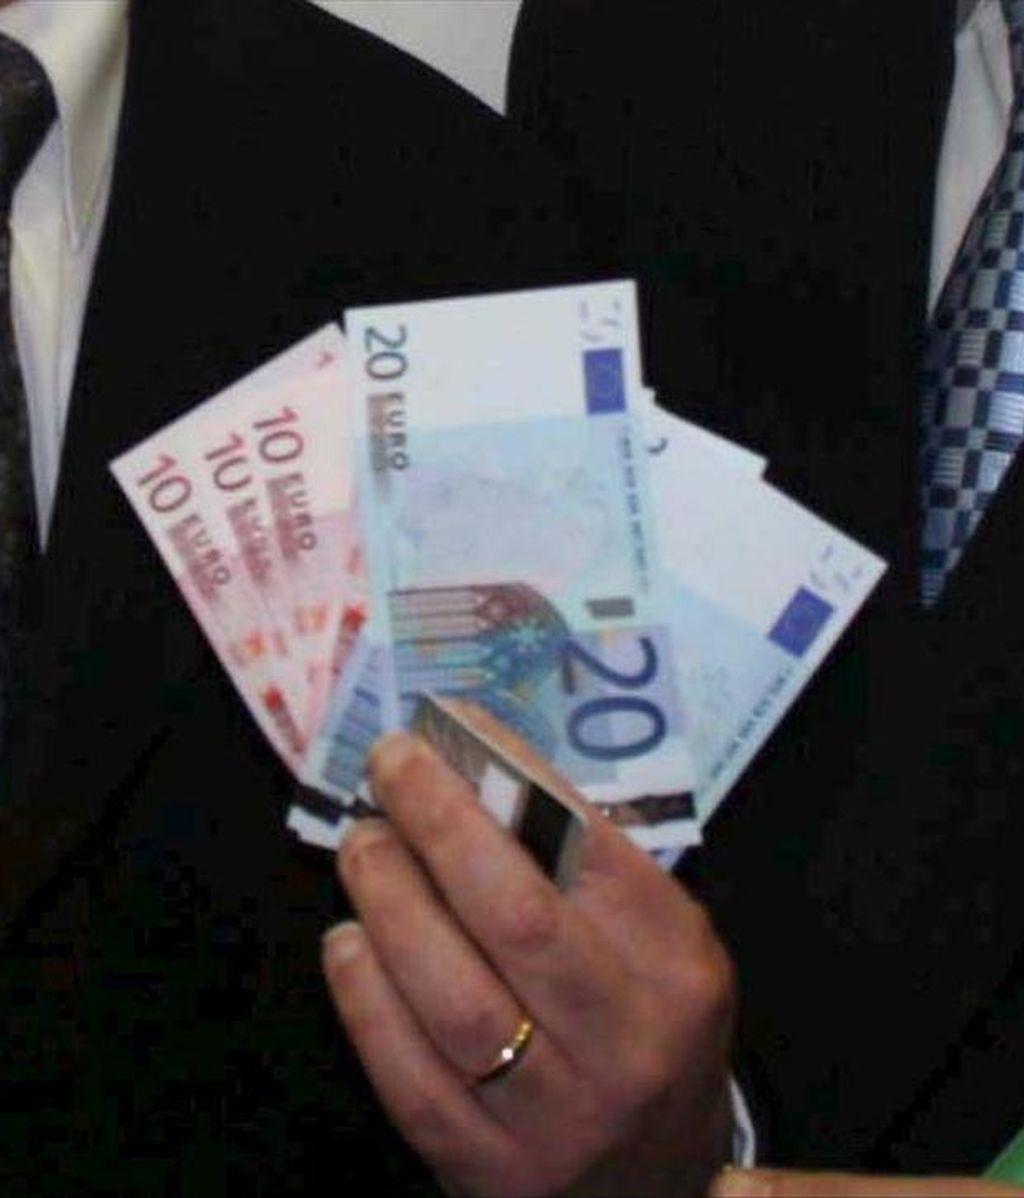 En la imagen, varios billetes de euros. EFE/Archivo